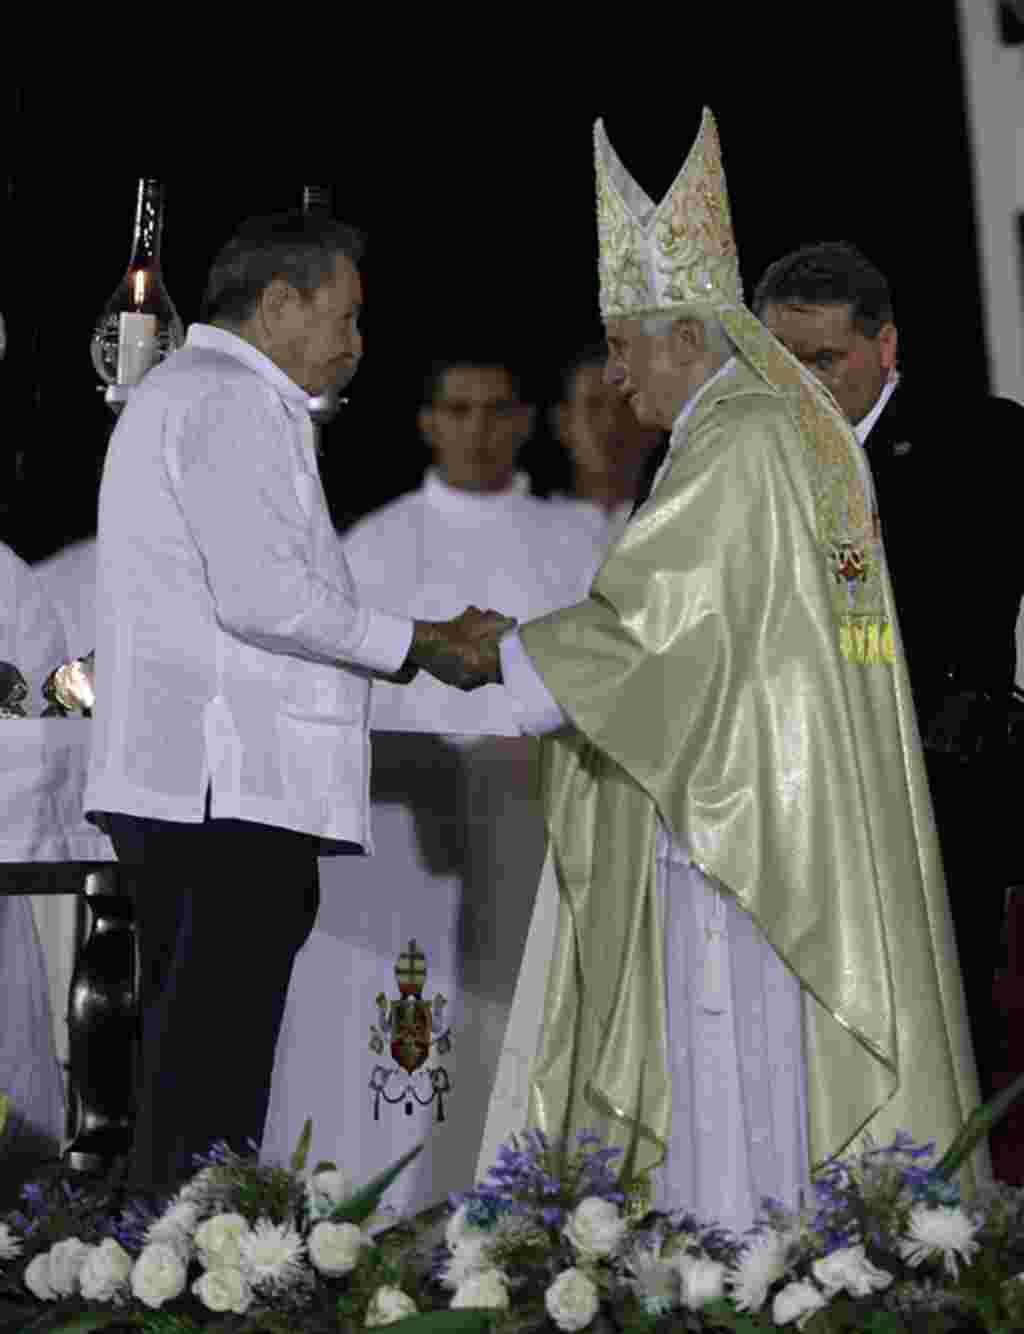 El presidente cubano, Raúl Castro, saluda al papa Benedicto XVI tras la misa en la Plaza de la Revolución en Santiago de Cuba. (AP Photo/Javier Galeano)